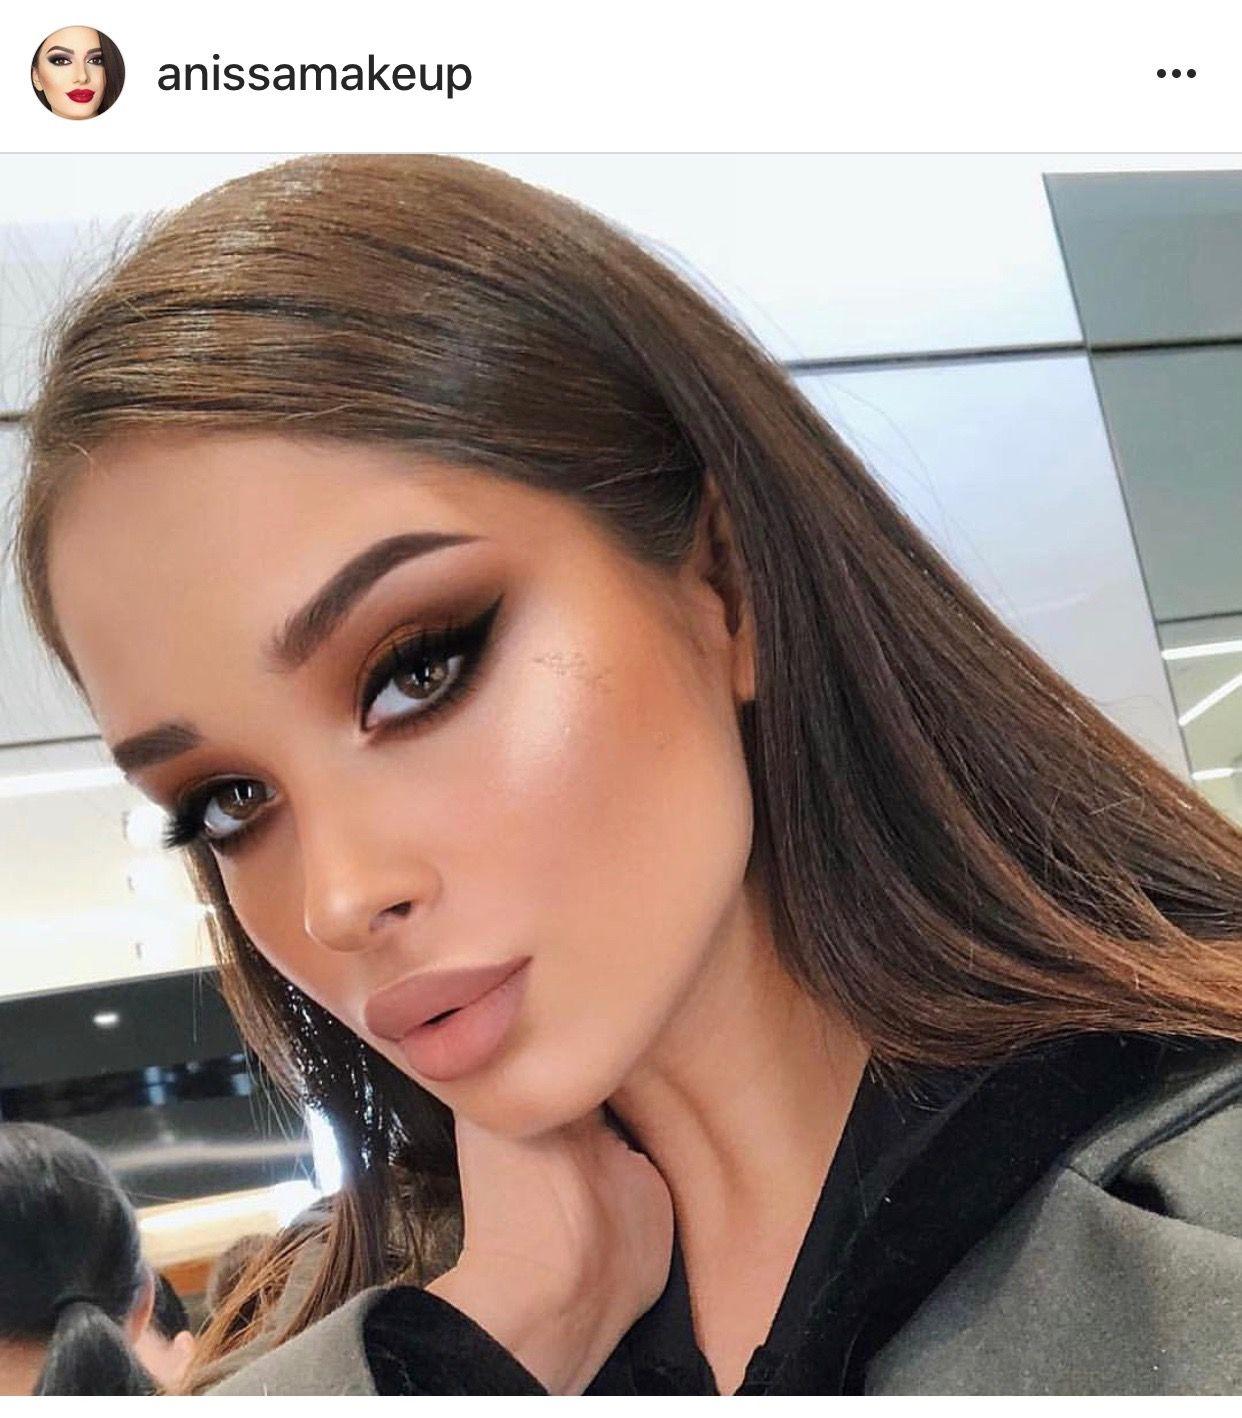 pinterest // amyysin Hair makeup, Glam makeup, Makeup looks